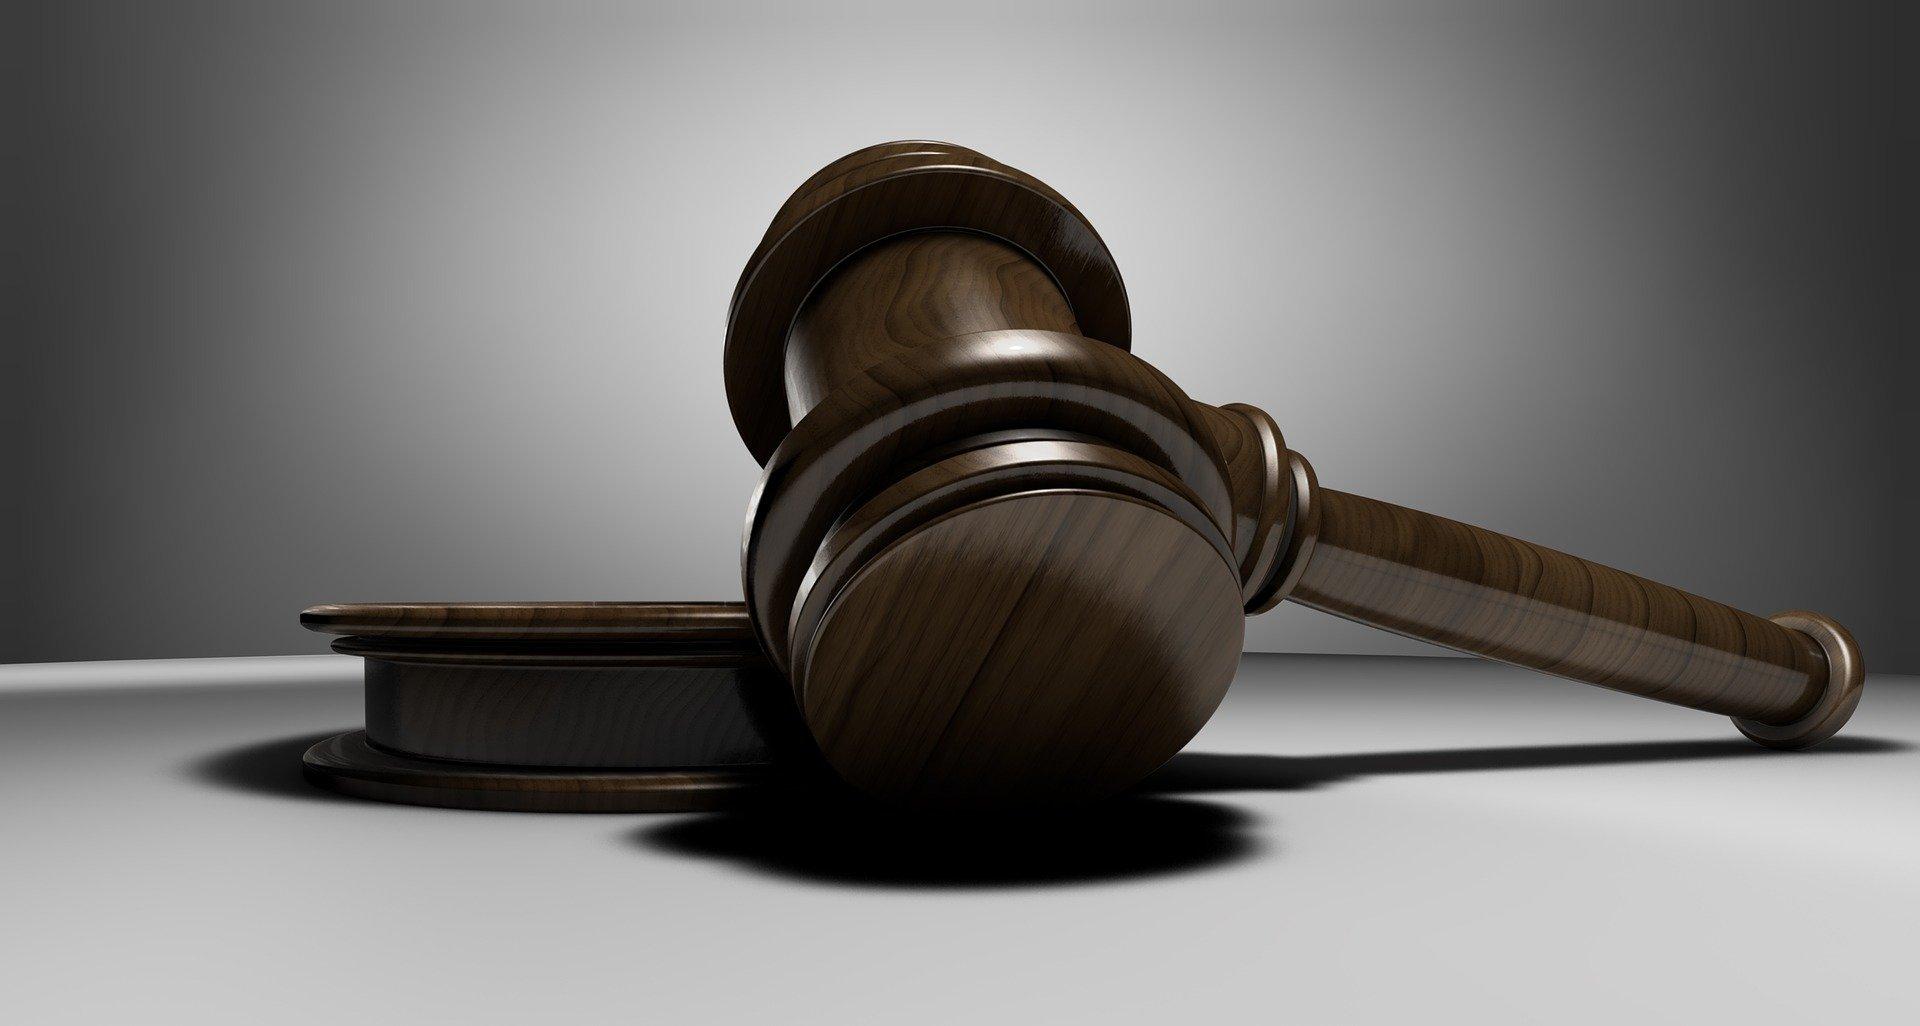 Костромичка через суд добилась уникального наследства